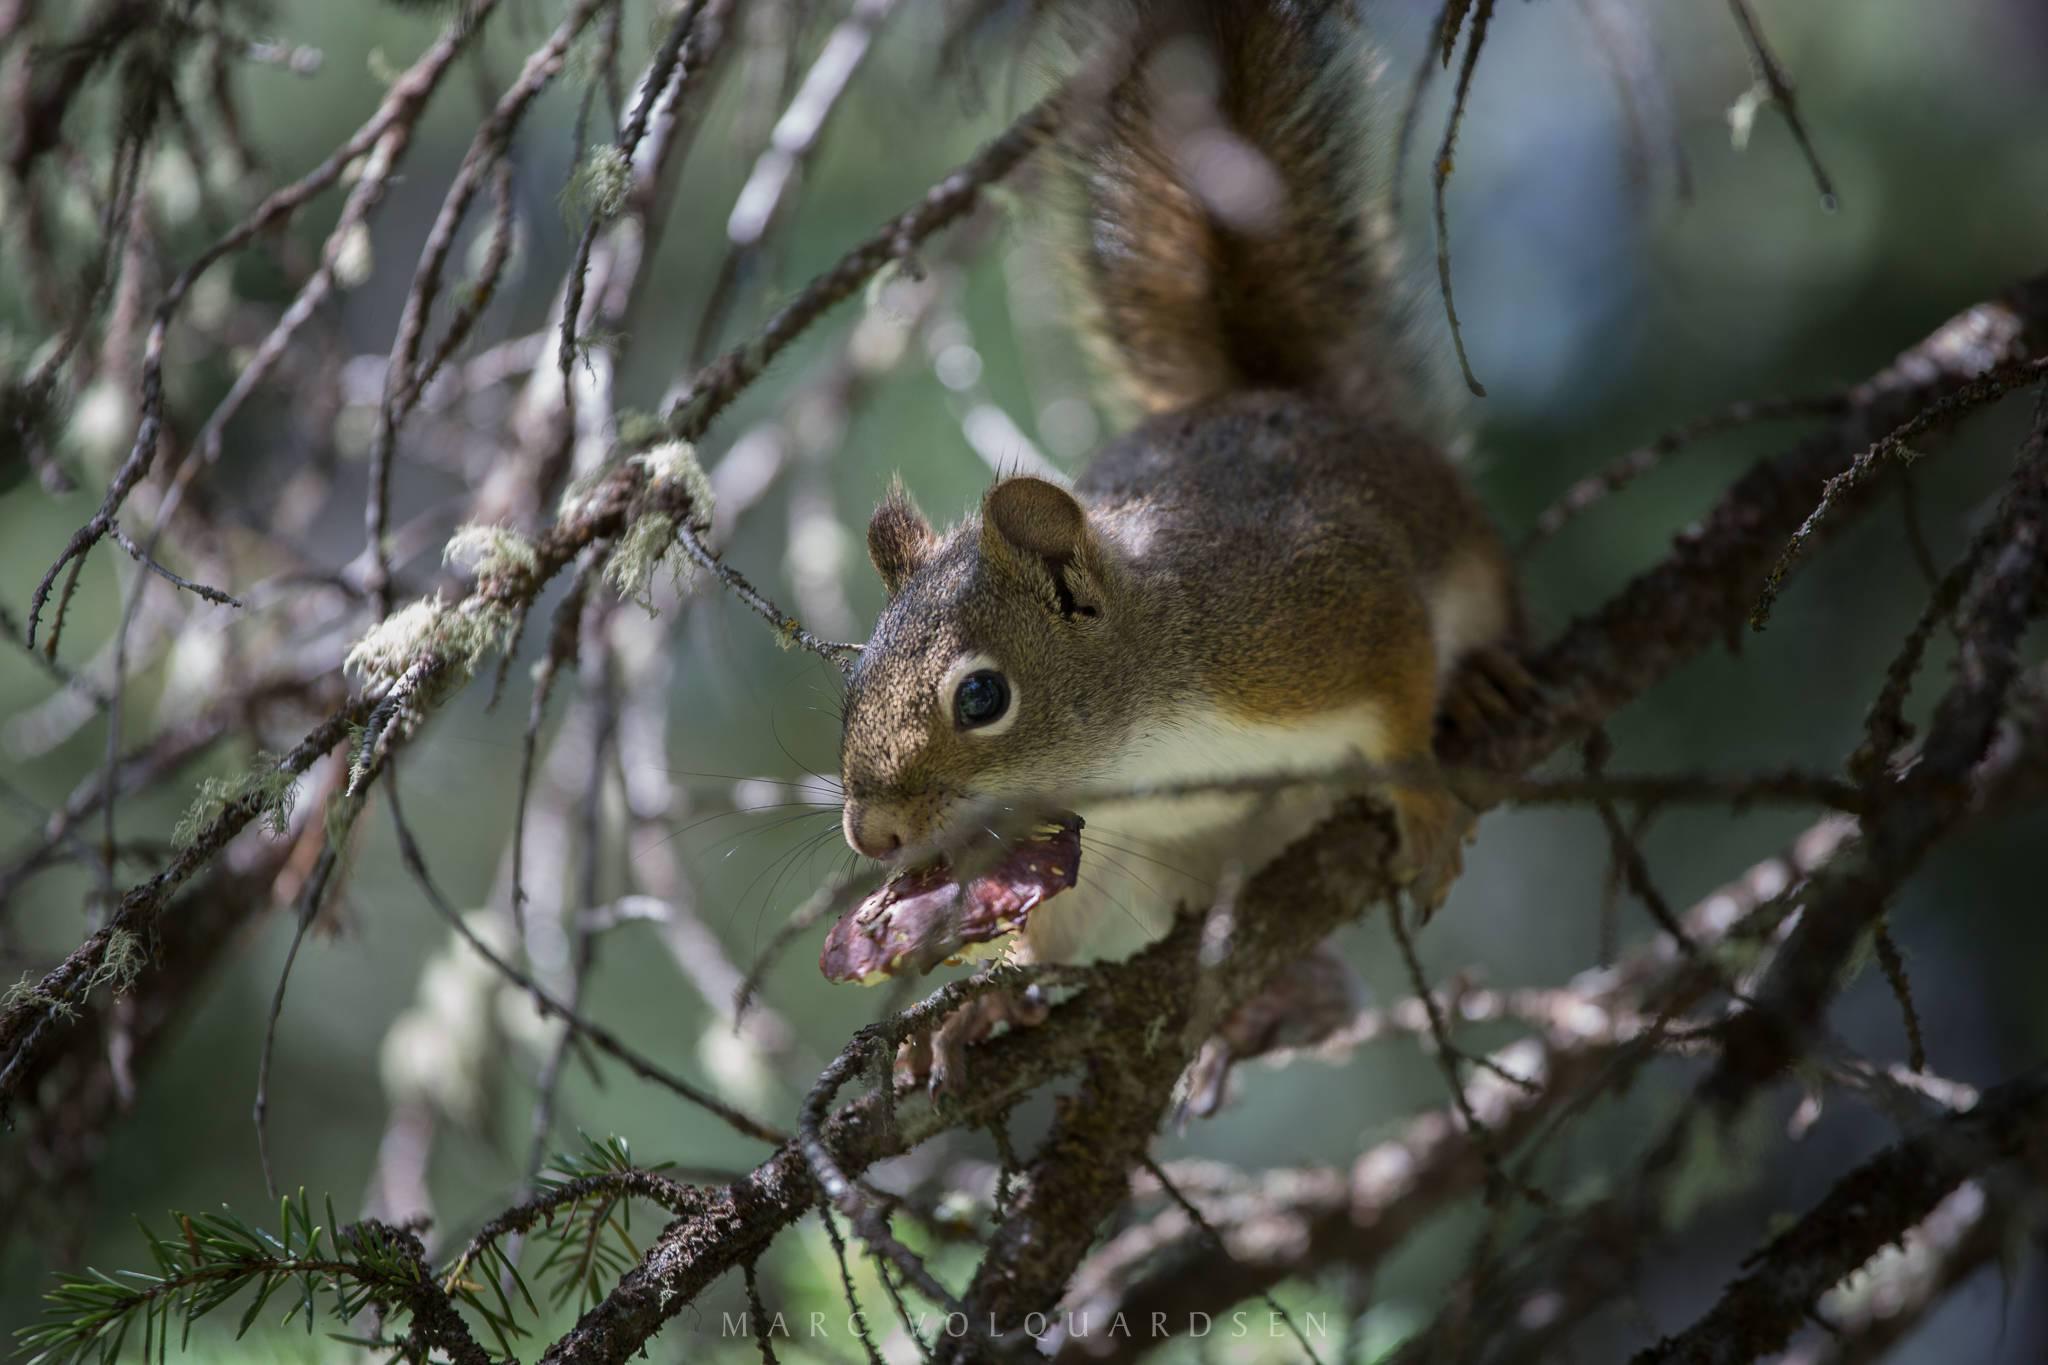 Grand Teton Nationalpark - Eichhörnchen (1305)